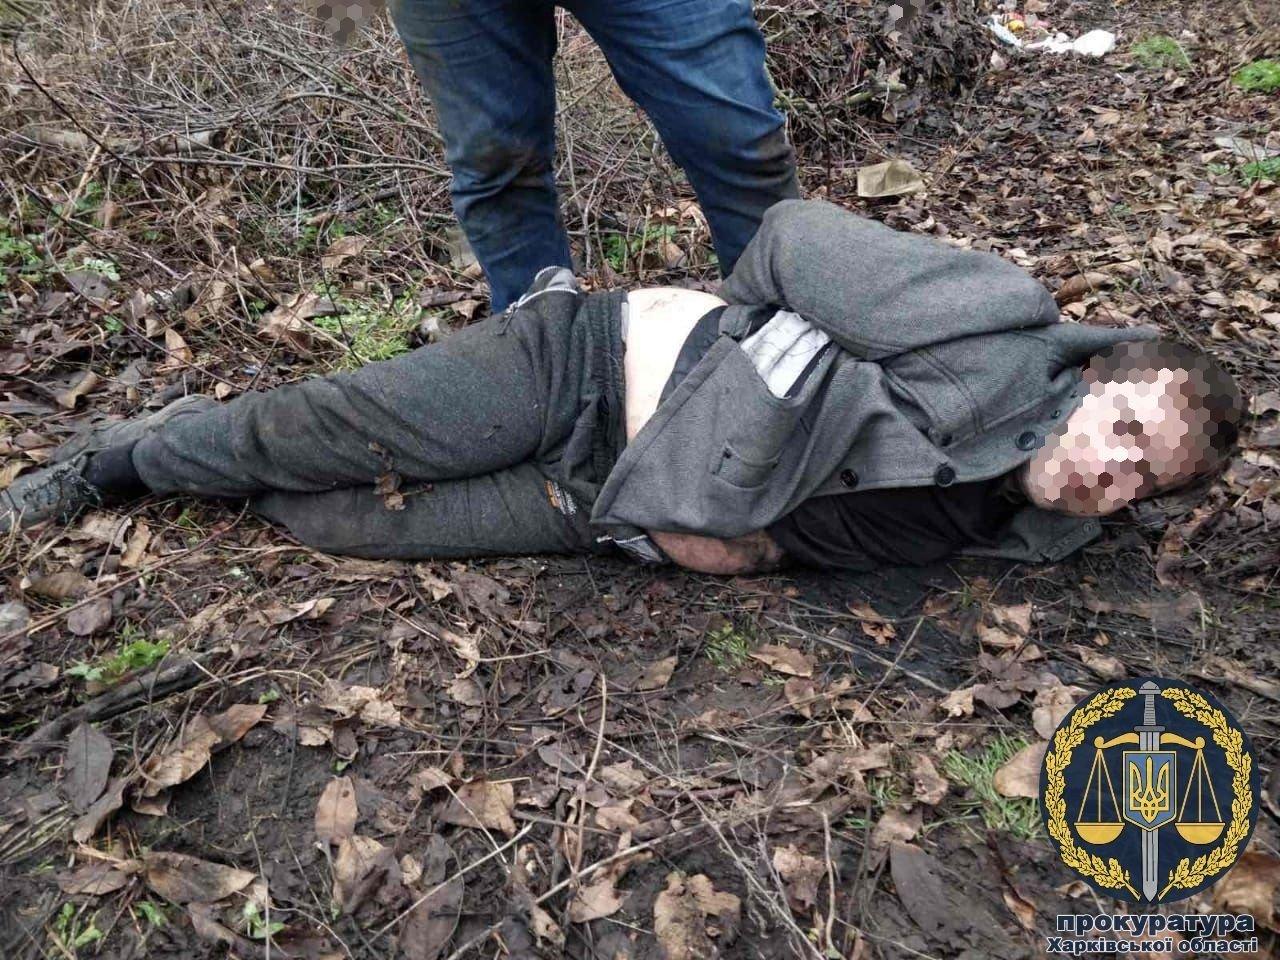 Взял заложницу и ранил полицейского ножом в шею: в Харькове будут судить мужчину, - ФОТО, фото-1